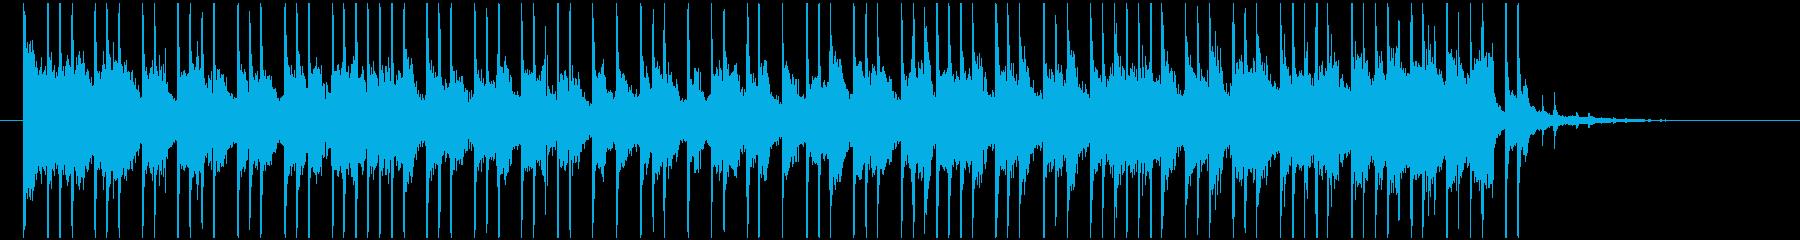 爽やかで軽快かっこいいトロピカルハウスの再生済みの波形